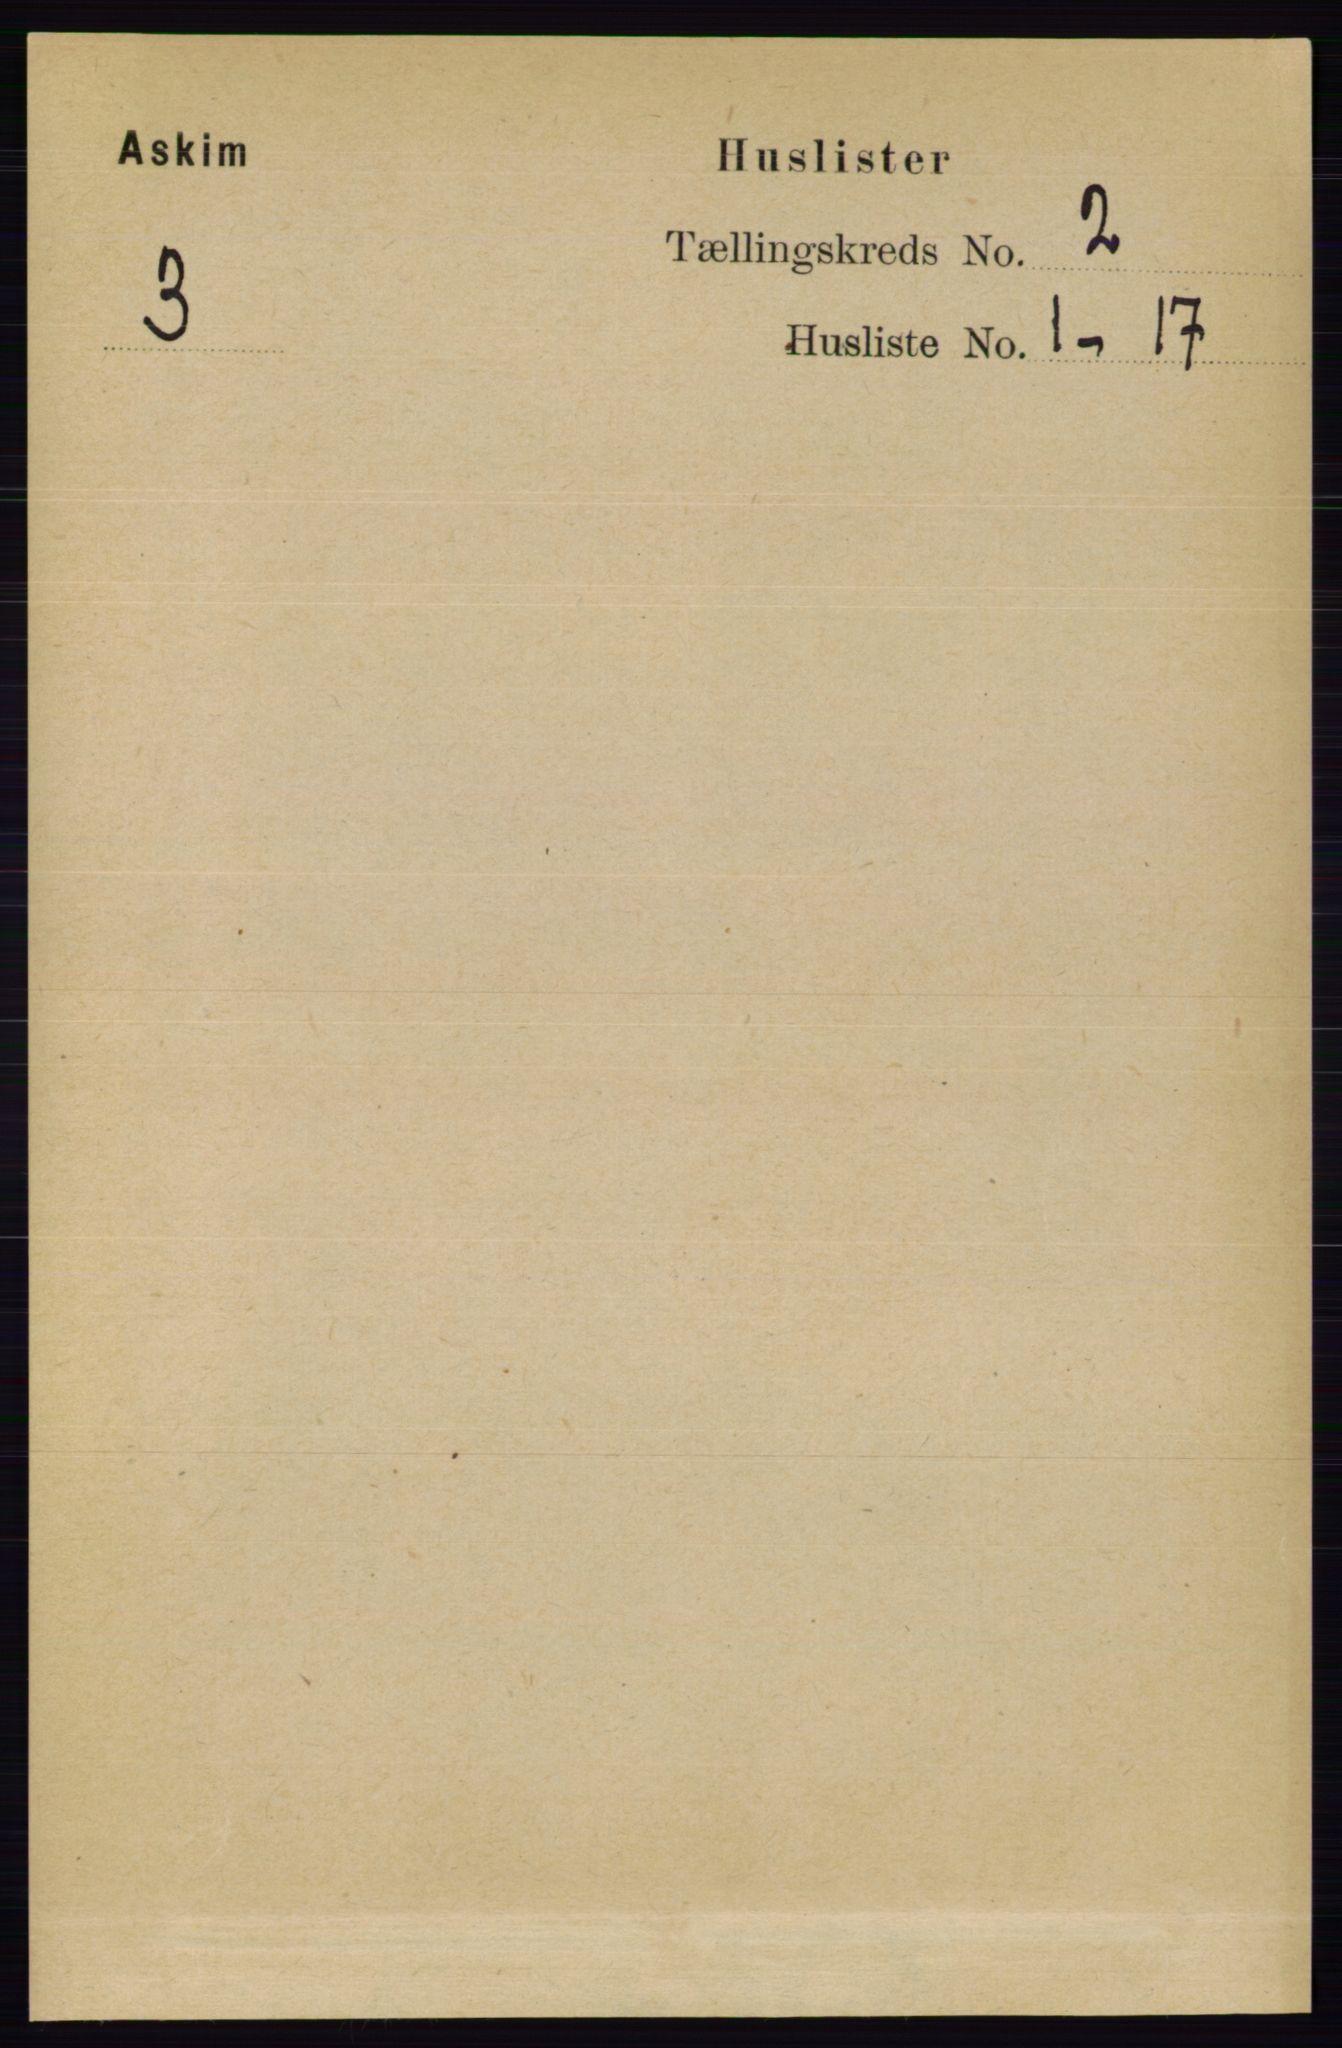 RA, Folketelling 1891 for 0124 Askim herred, 1891, s. 231